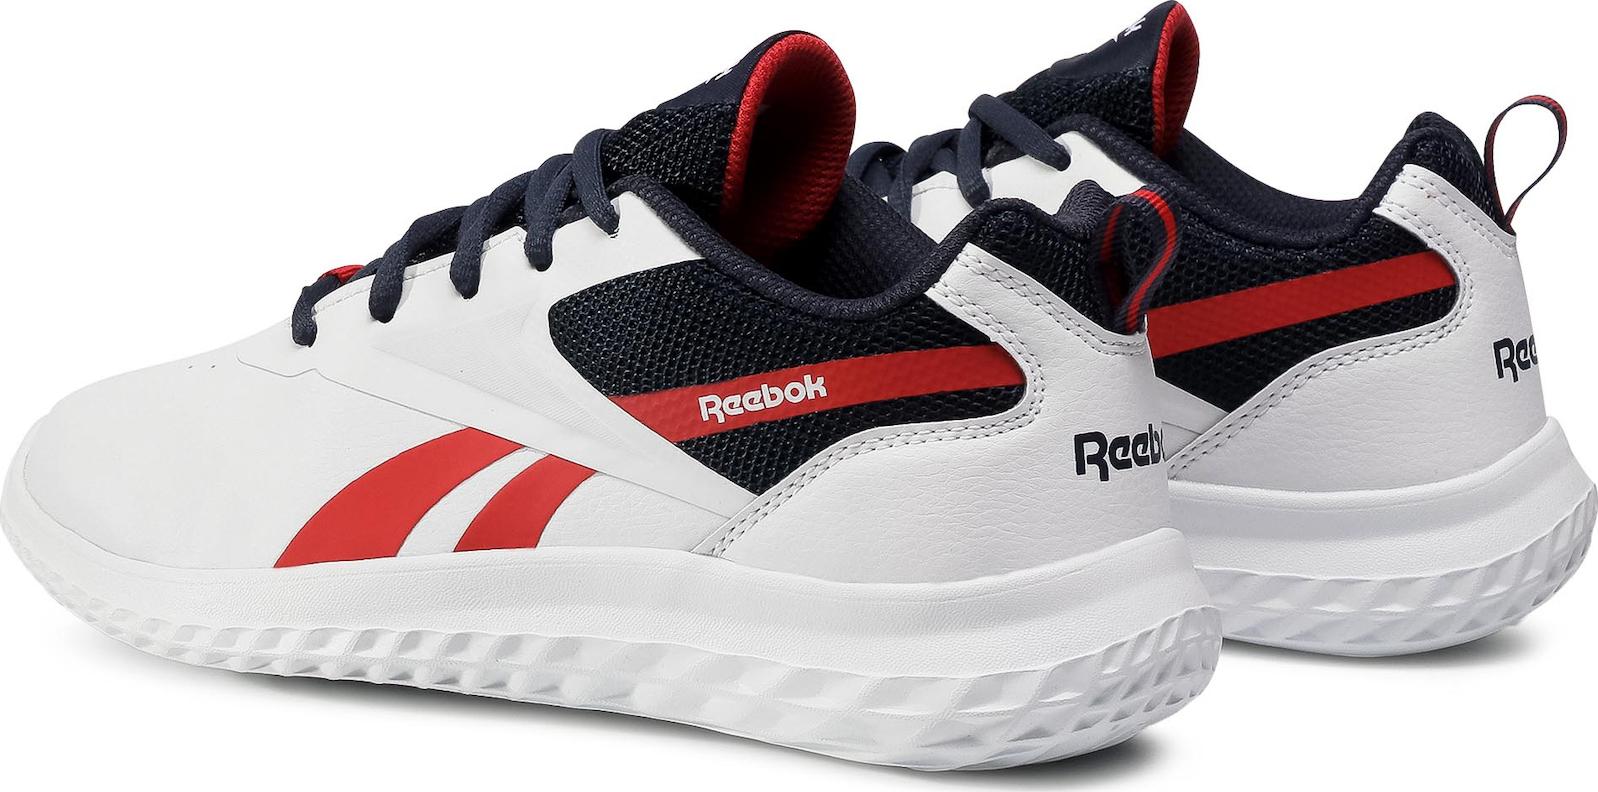 REEBOK RUSH RUNNER 3.0 FV0351